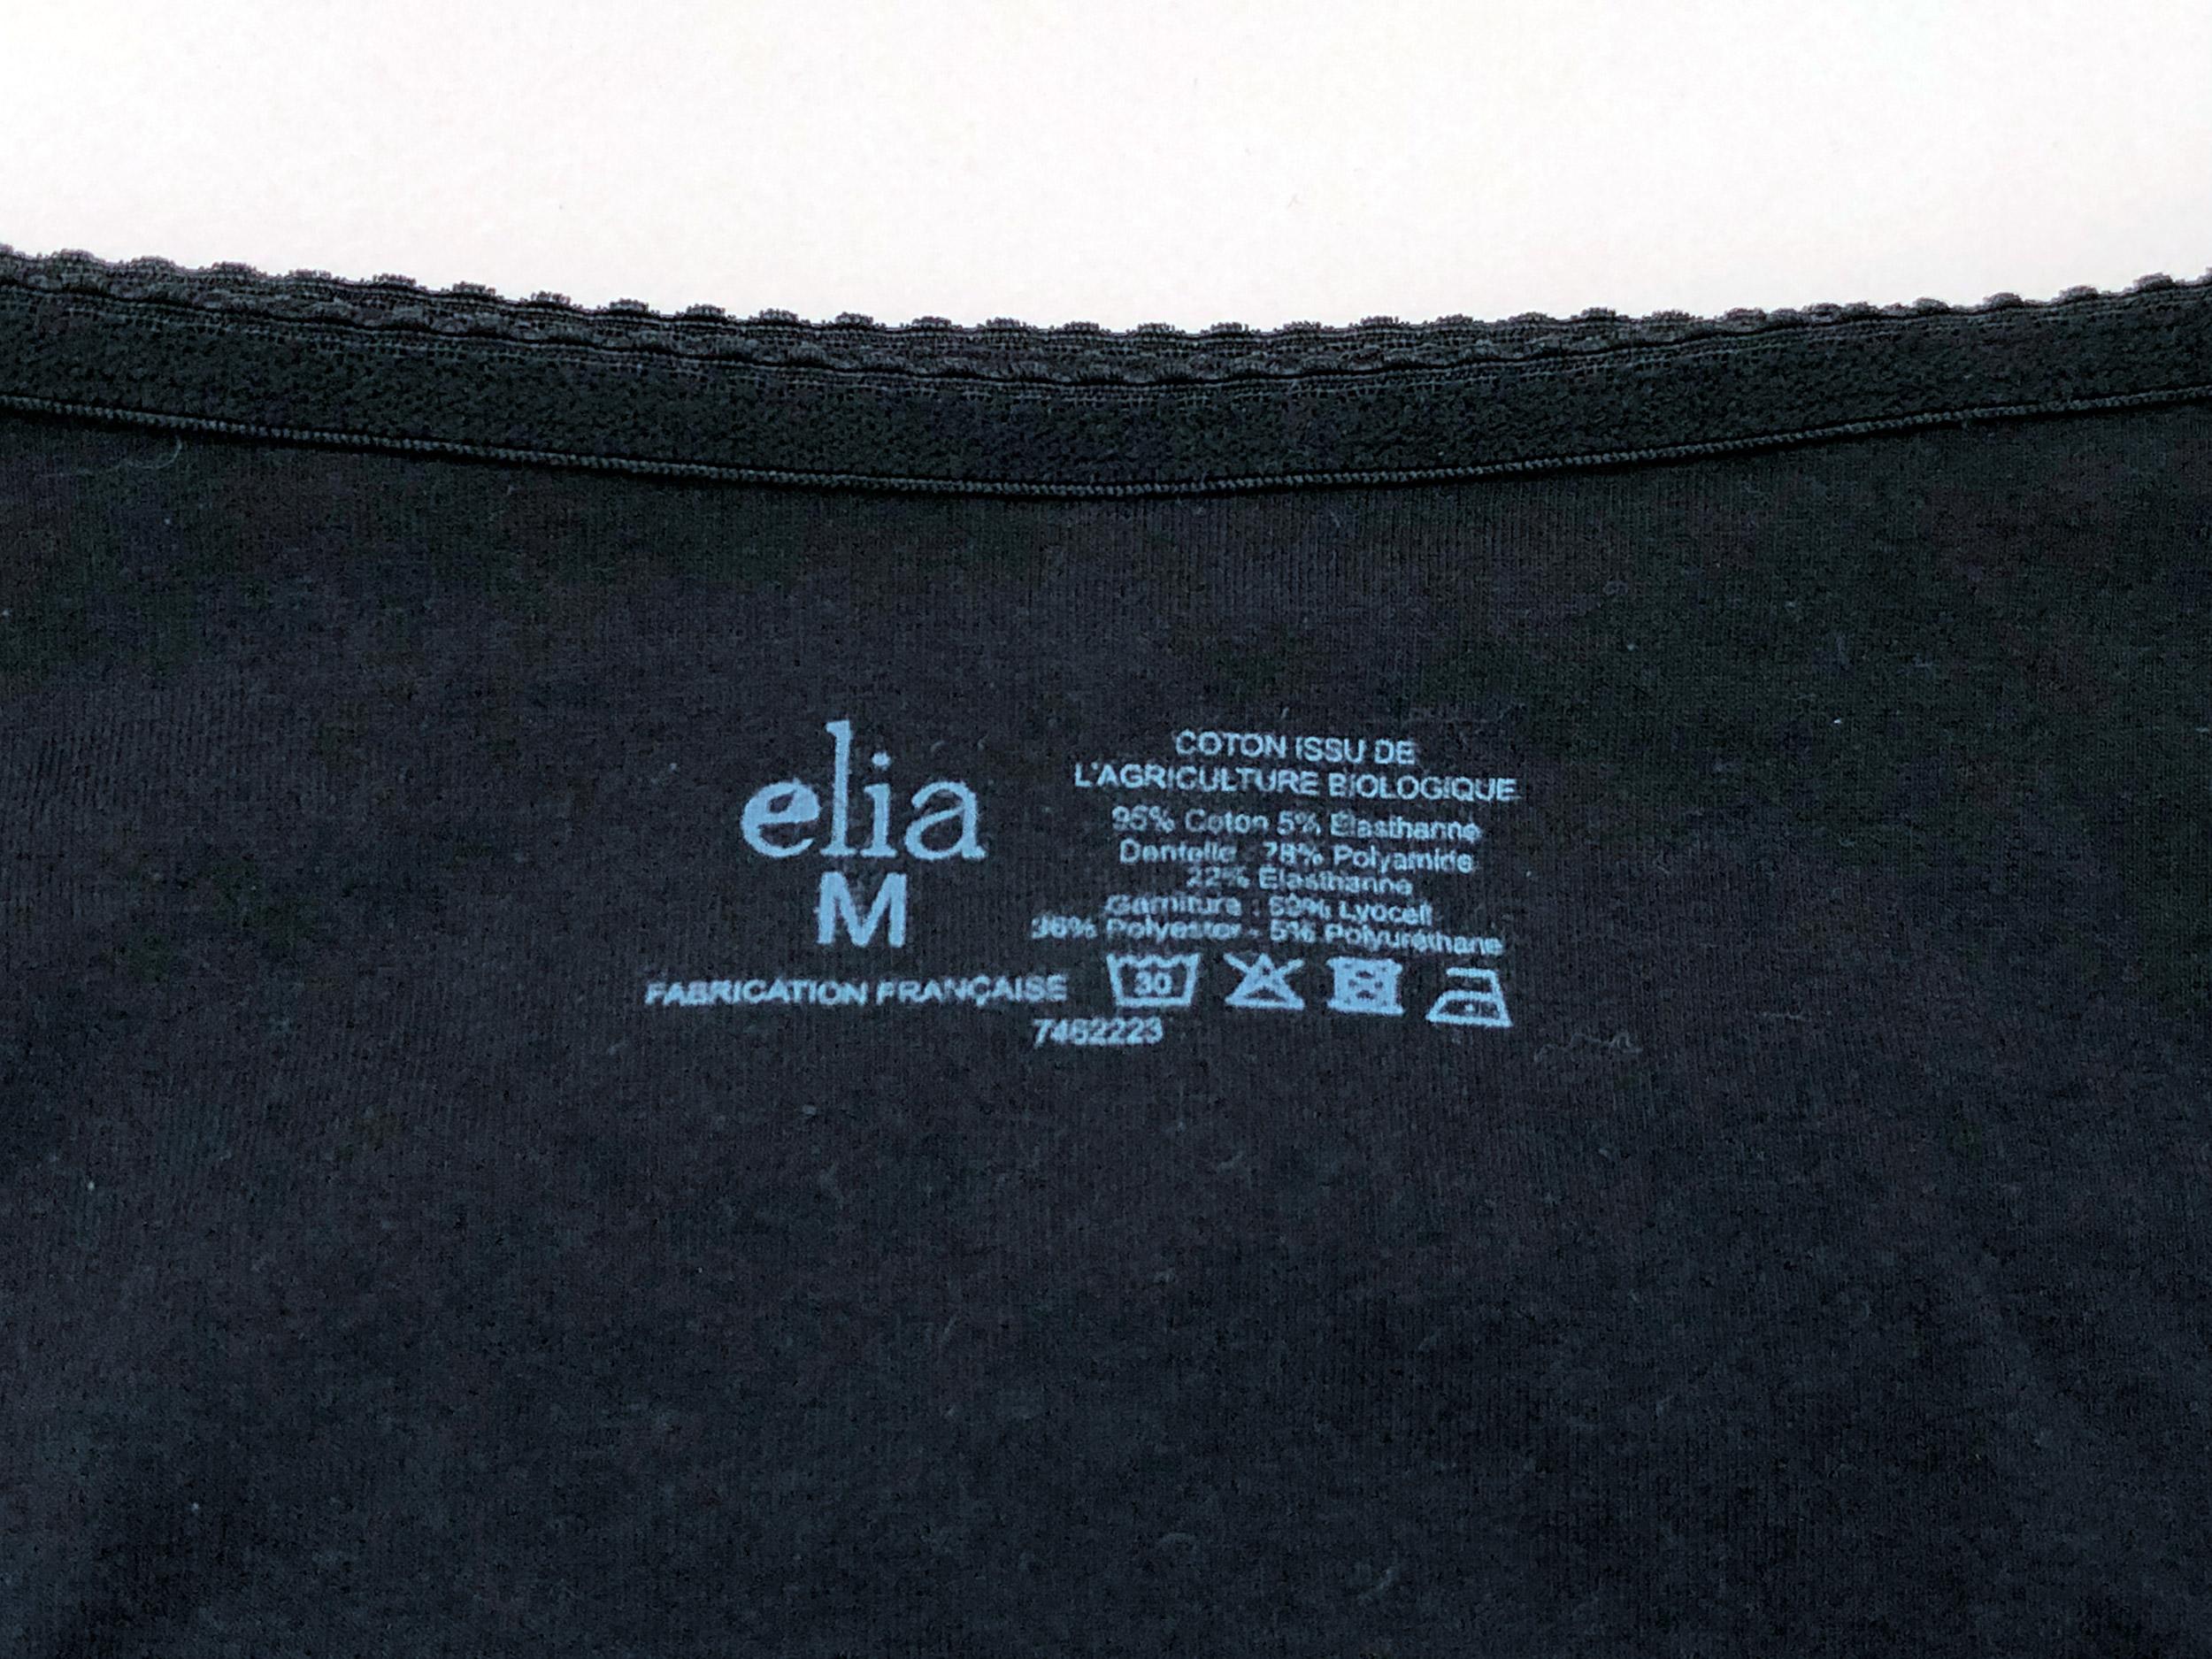 Менструальные трусы от французского бренда Elia. Обзор менструальных трусов в журнале Garterblog.ru Все права защищены